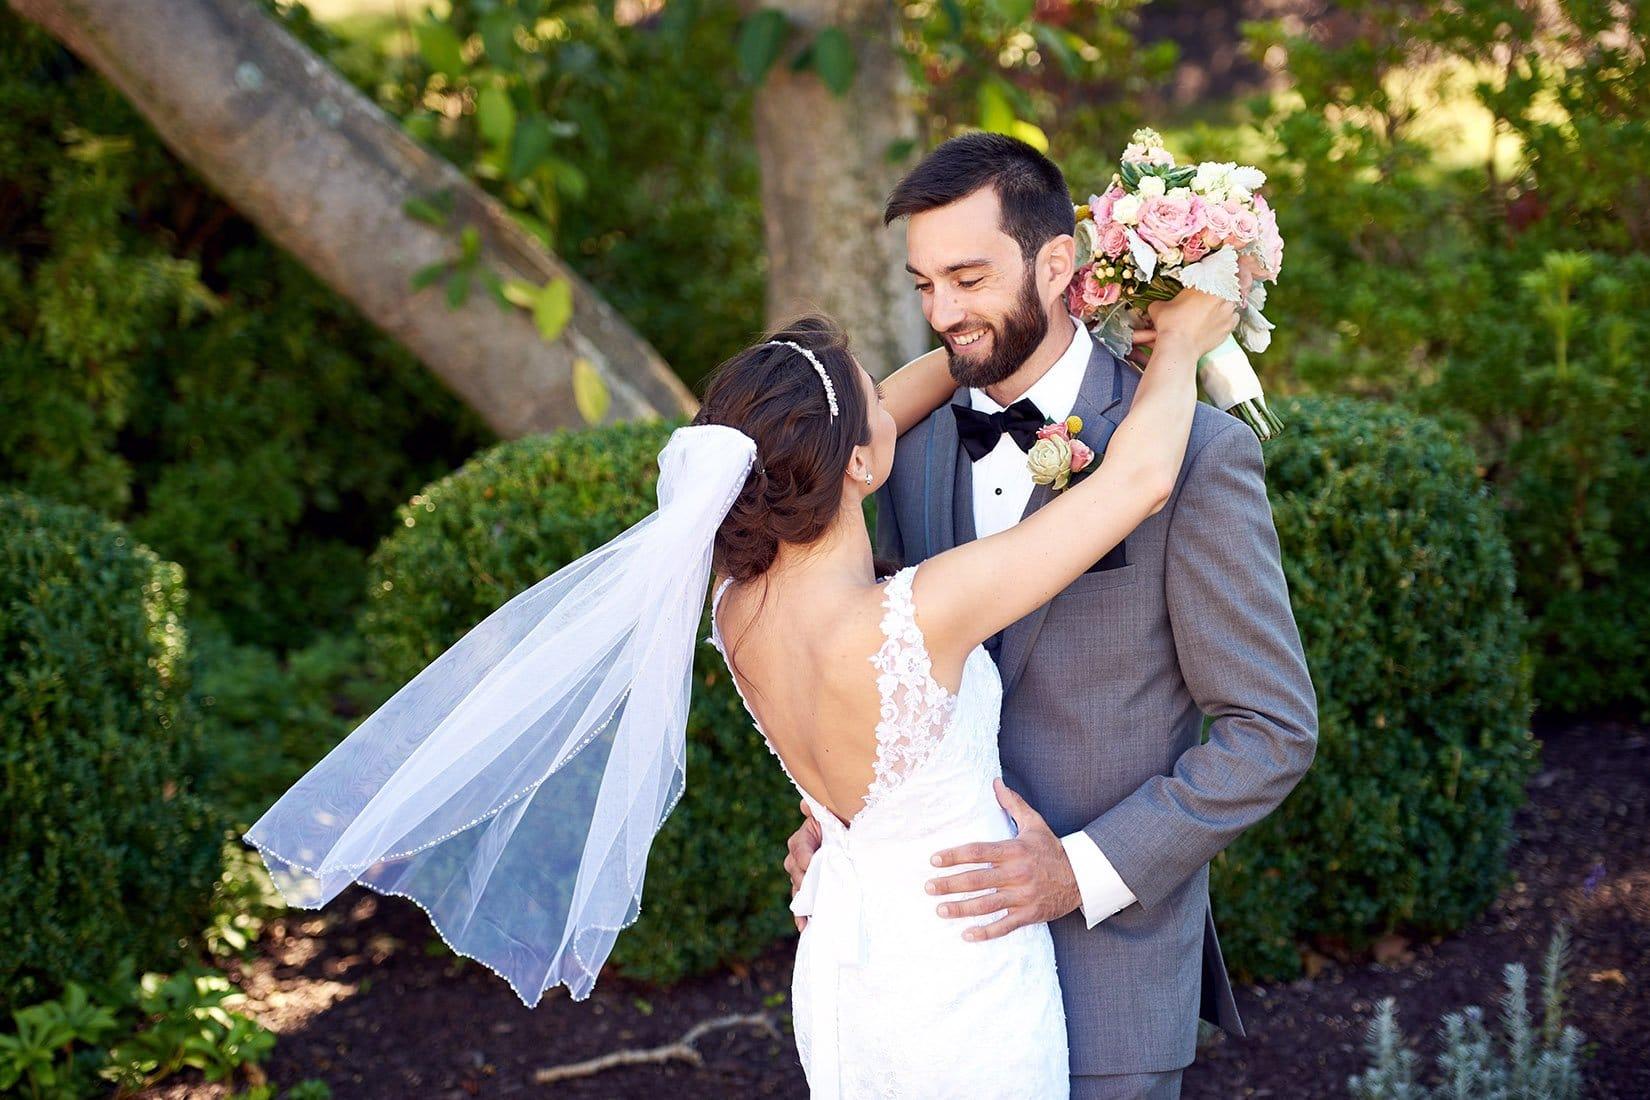 grand colonial nj wedding photo